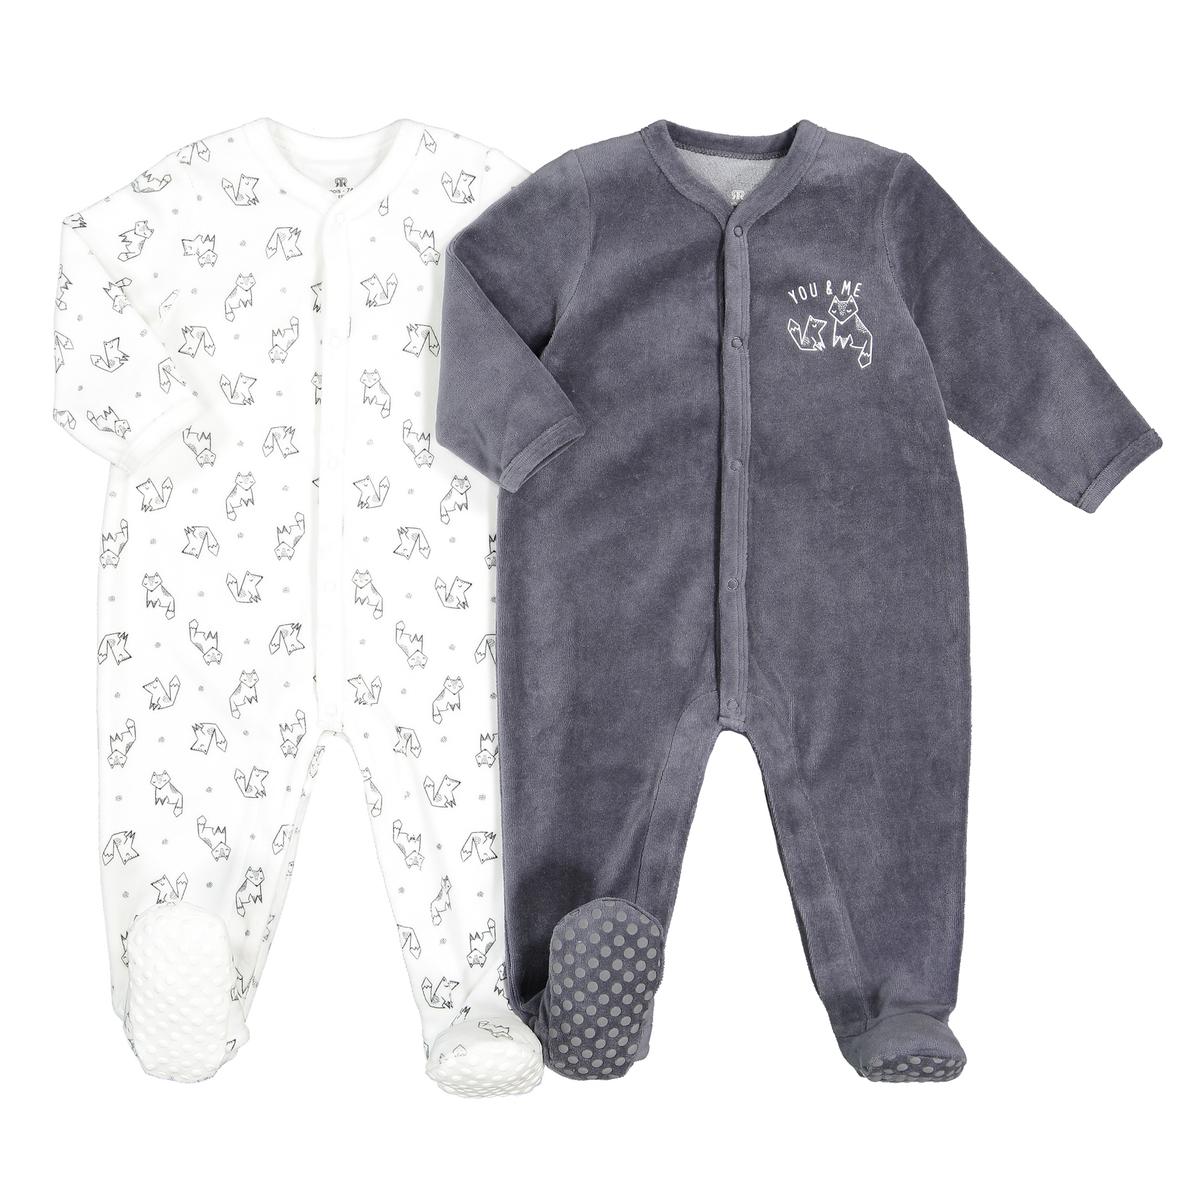 Пижамы La Redoute Из велюра для новорожденных мес - года рожденные раньше срока - 45 см серый комплект из боди для la redoute новорожденных мес года рожденные раньше срока 45 см разноцветный